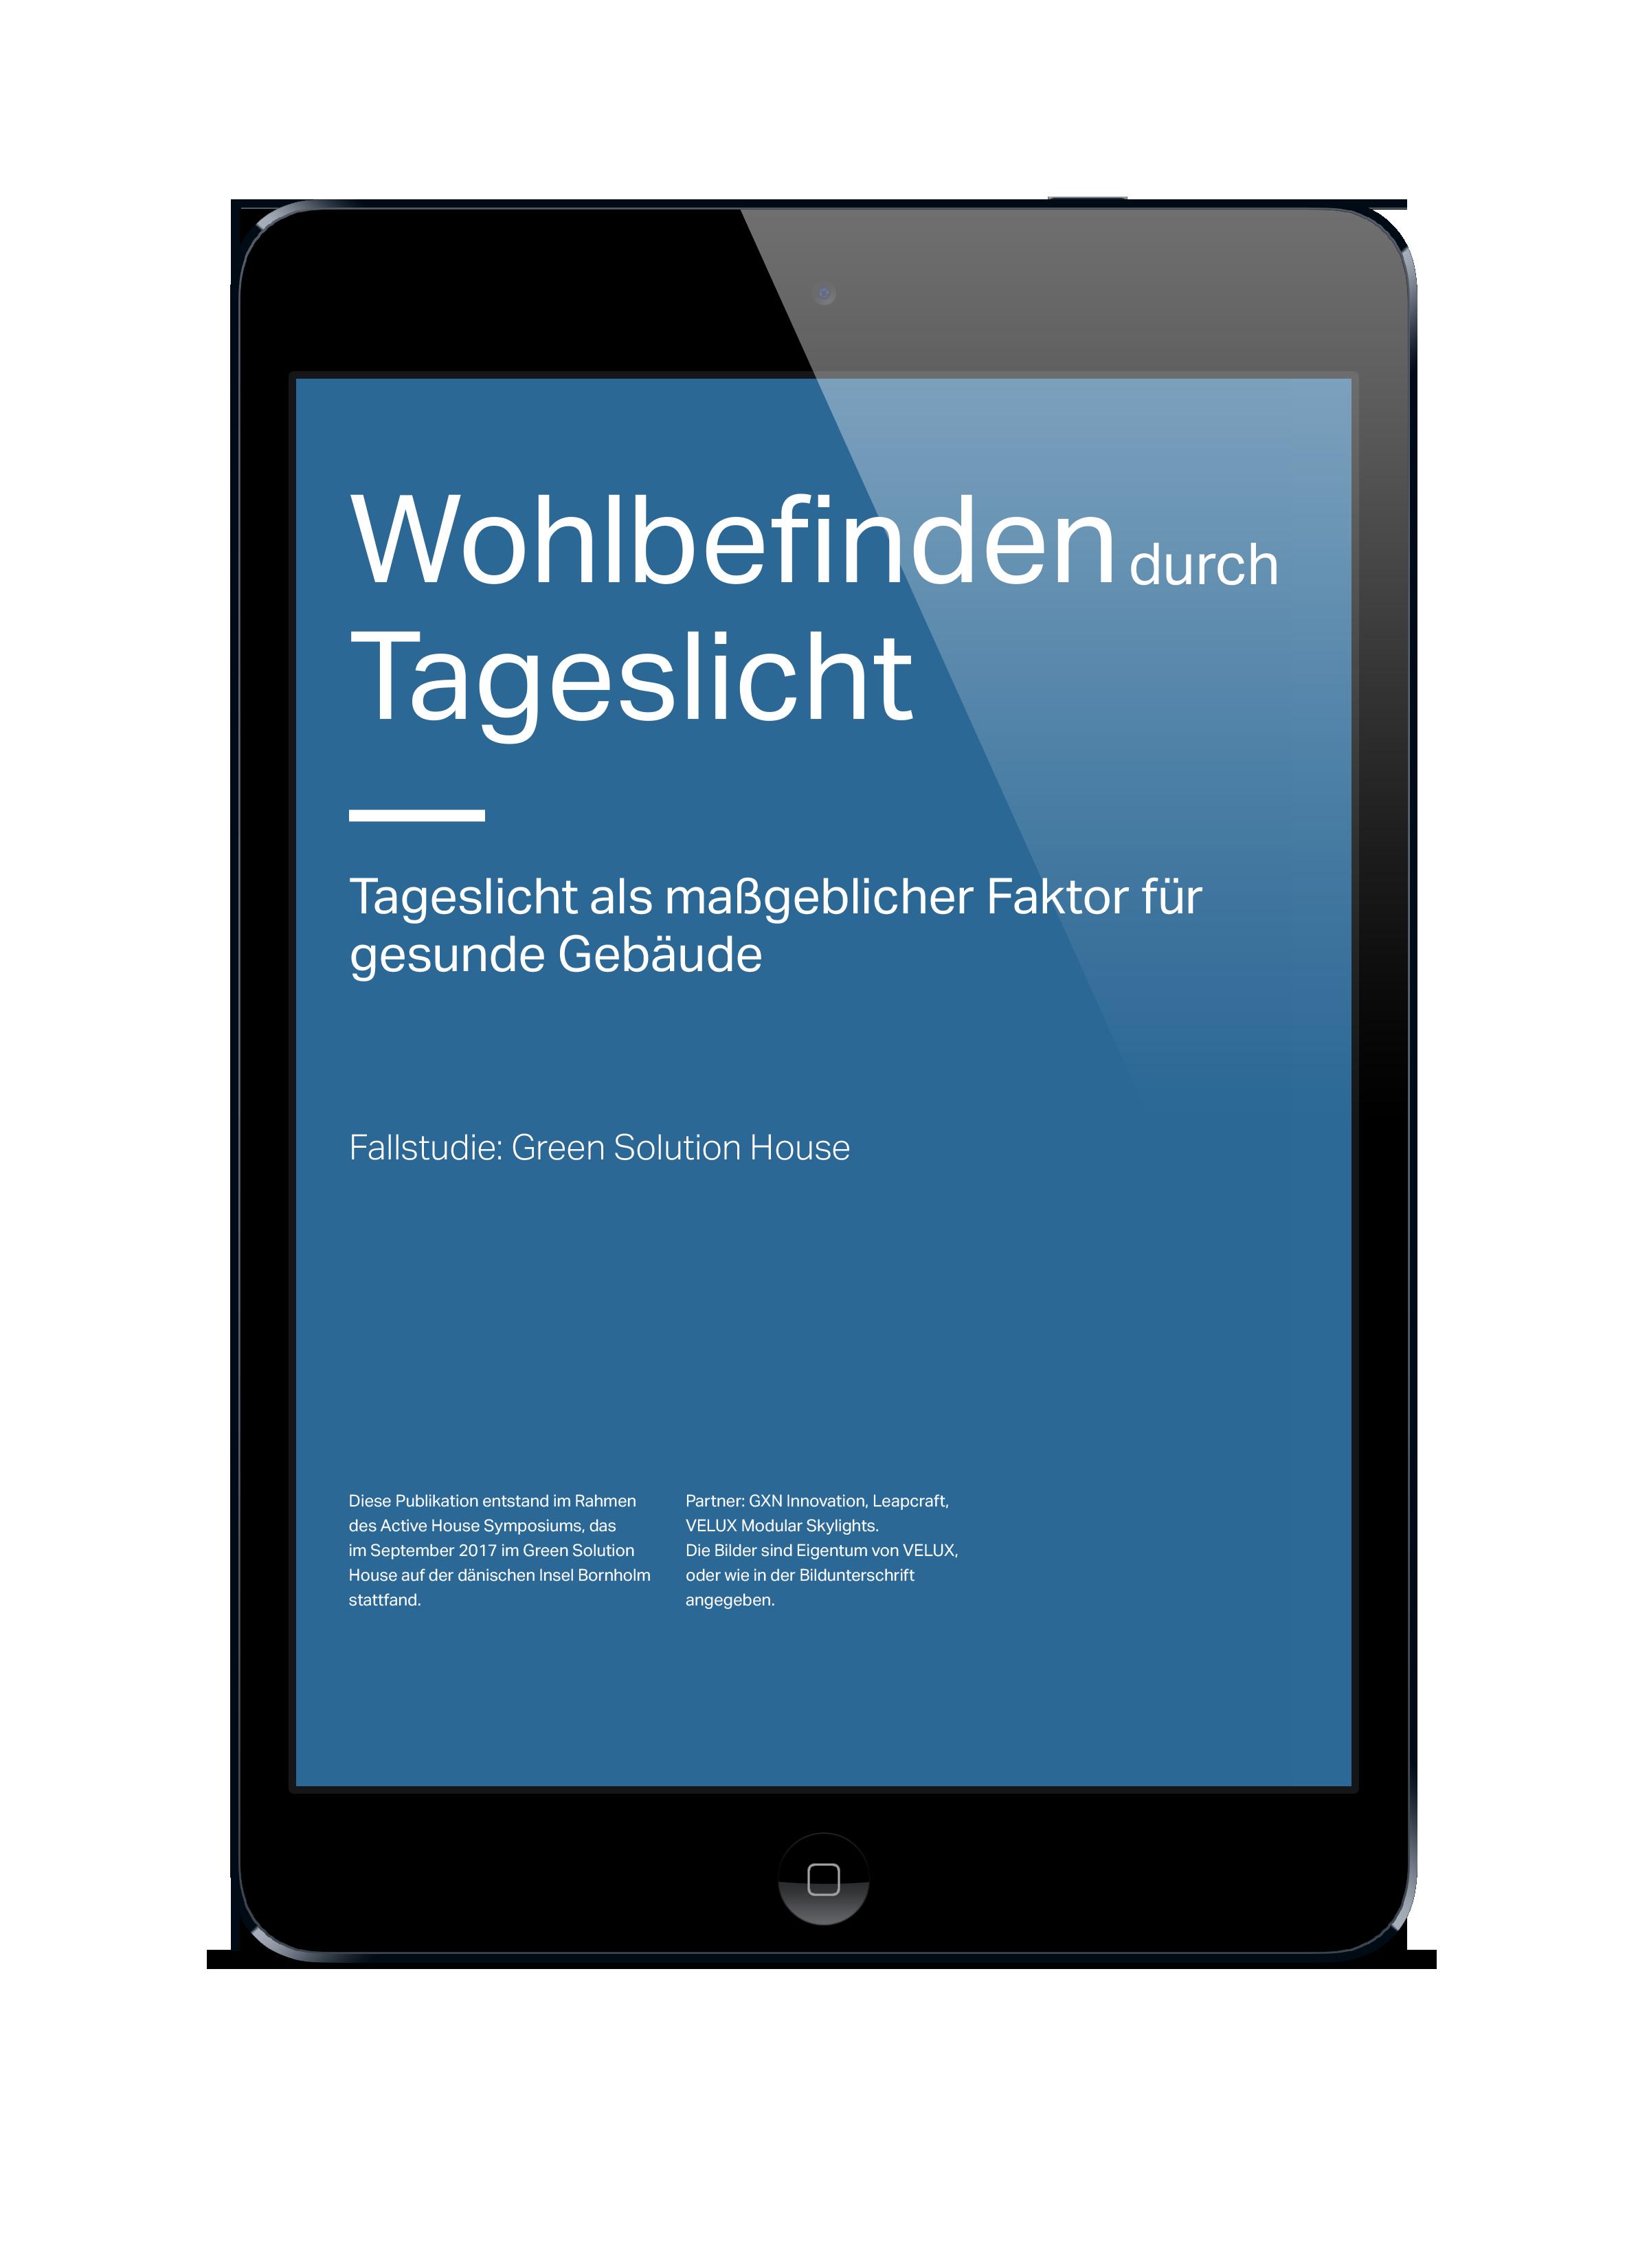 GB-Mock-up-iPad-ny